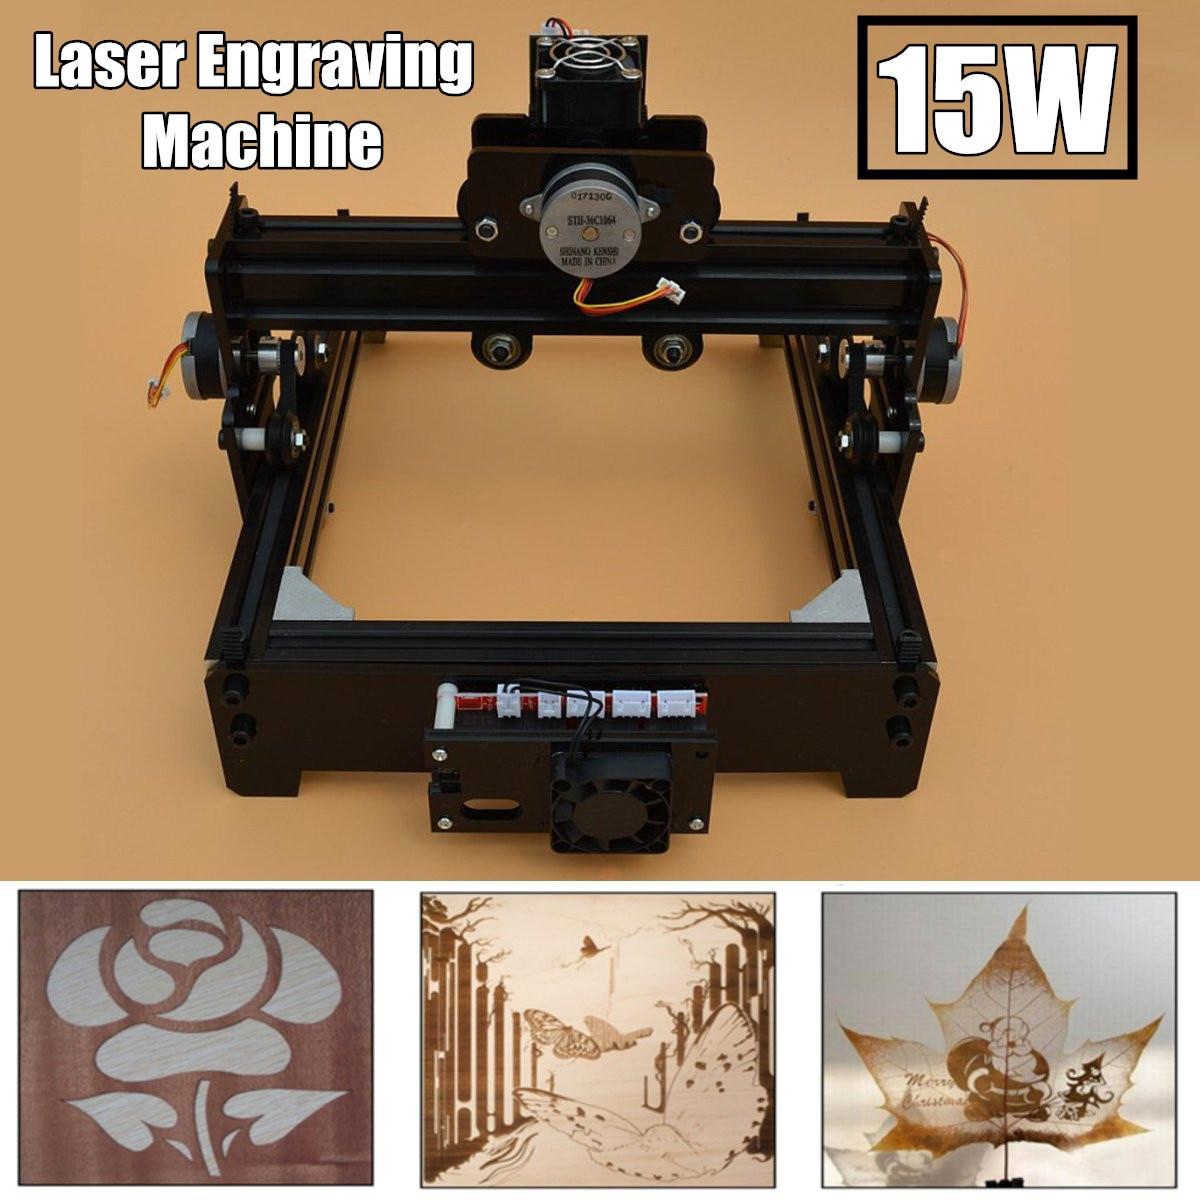 15 W bricolage Mini CNC Laser gravure Machine Laser gravure bois routeur métal marquage gravure 2018 meilleurs jouets avancés nouveauté